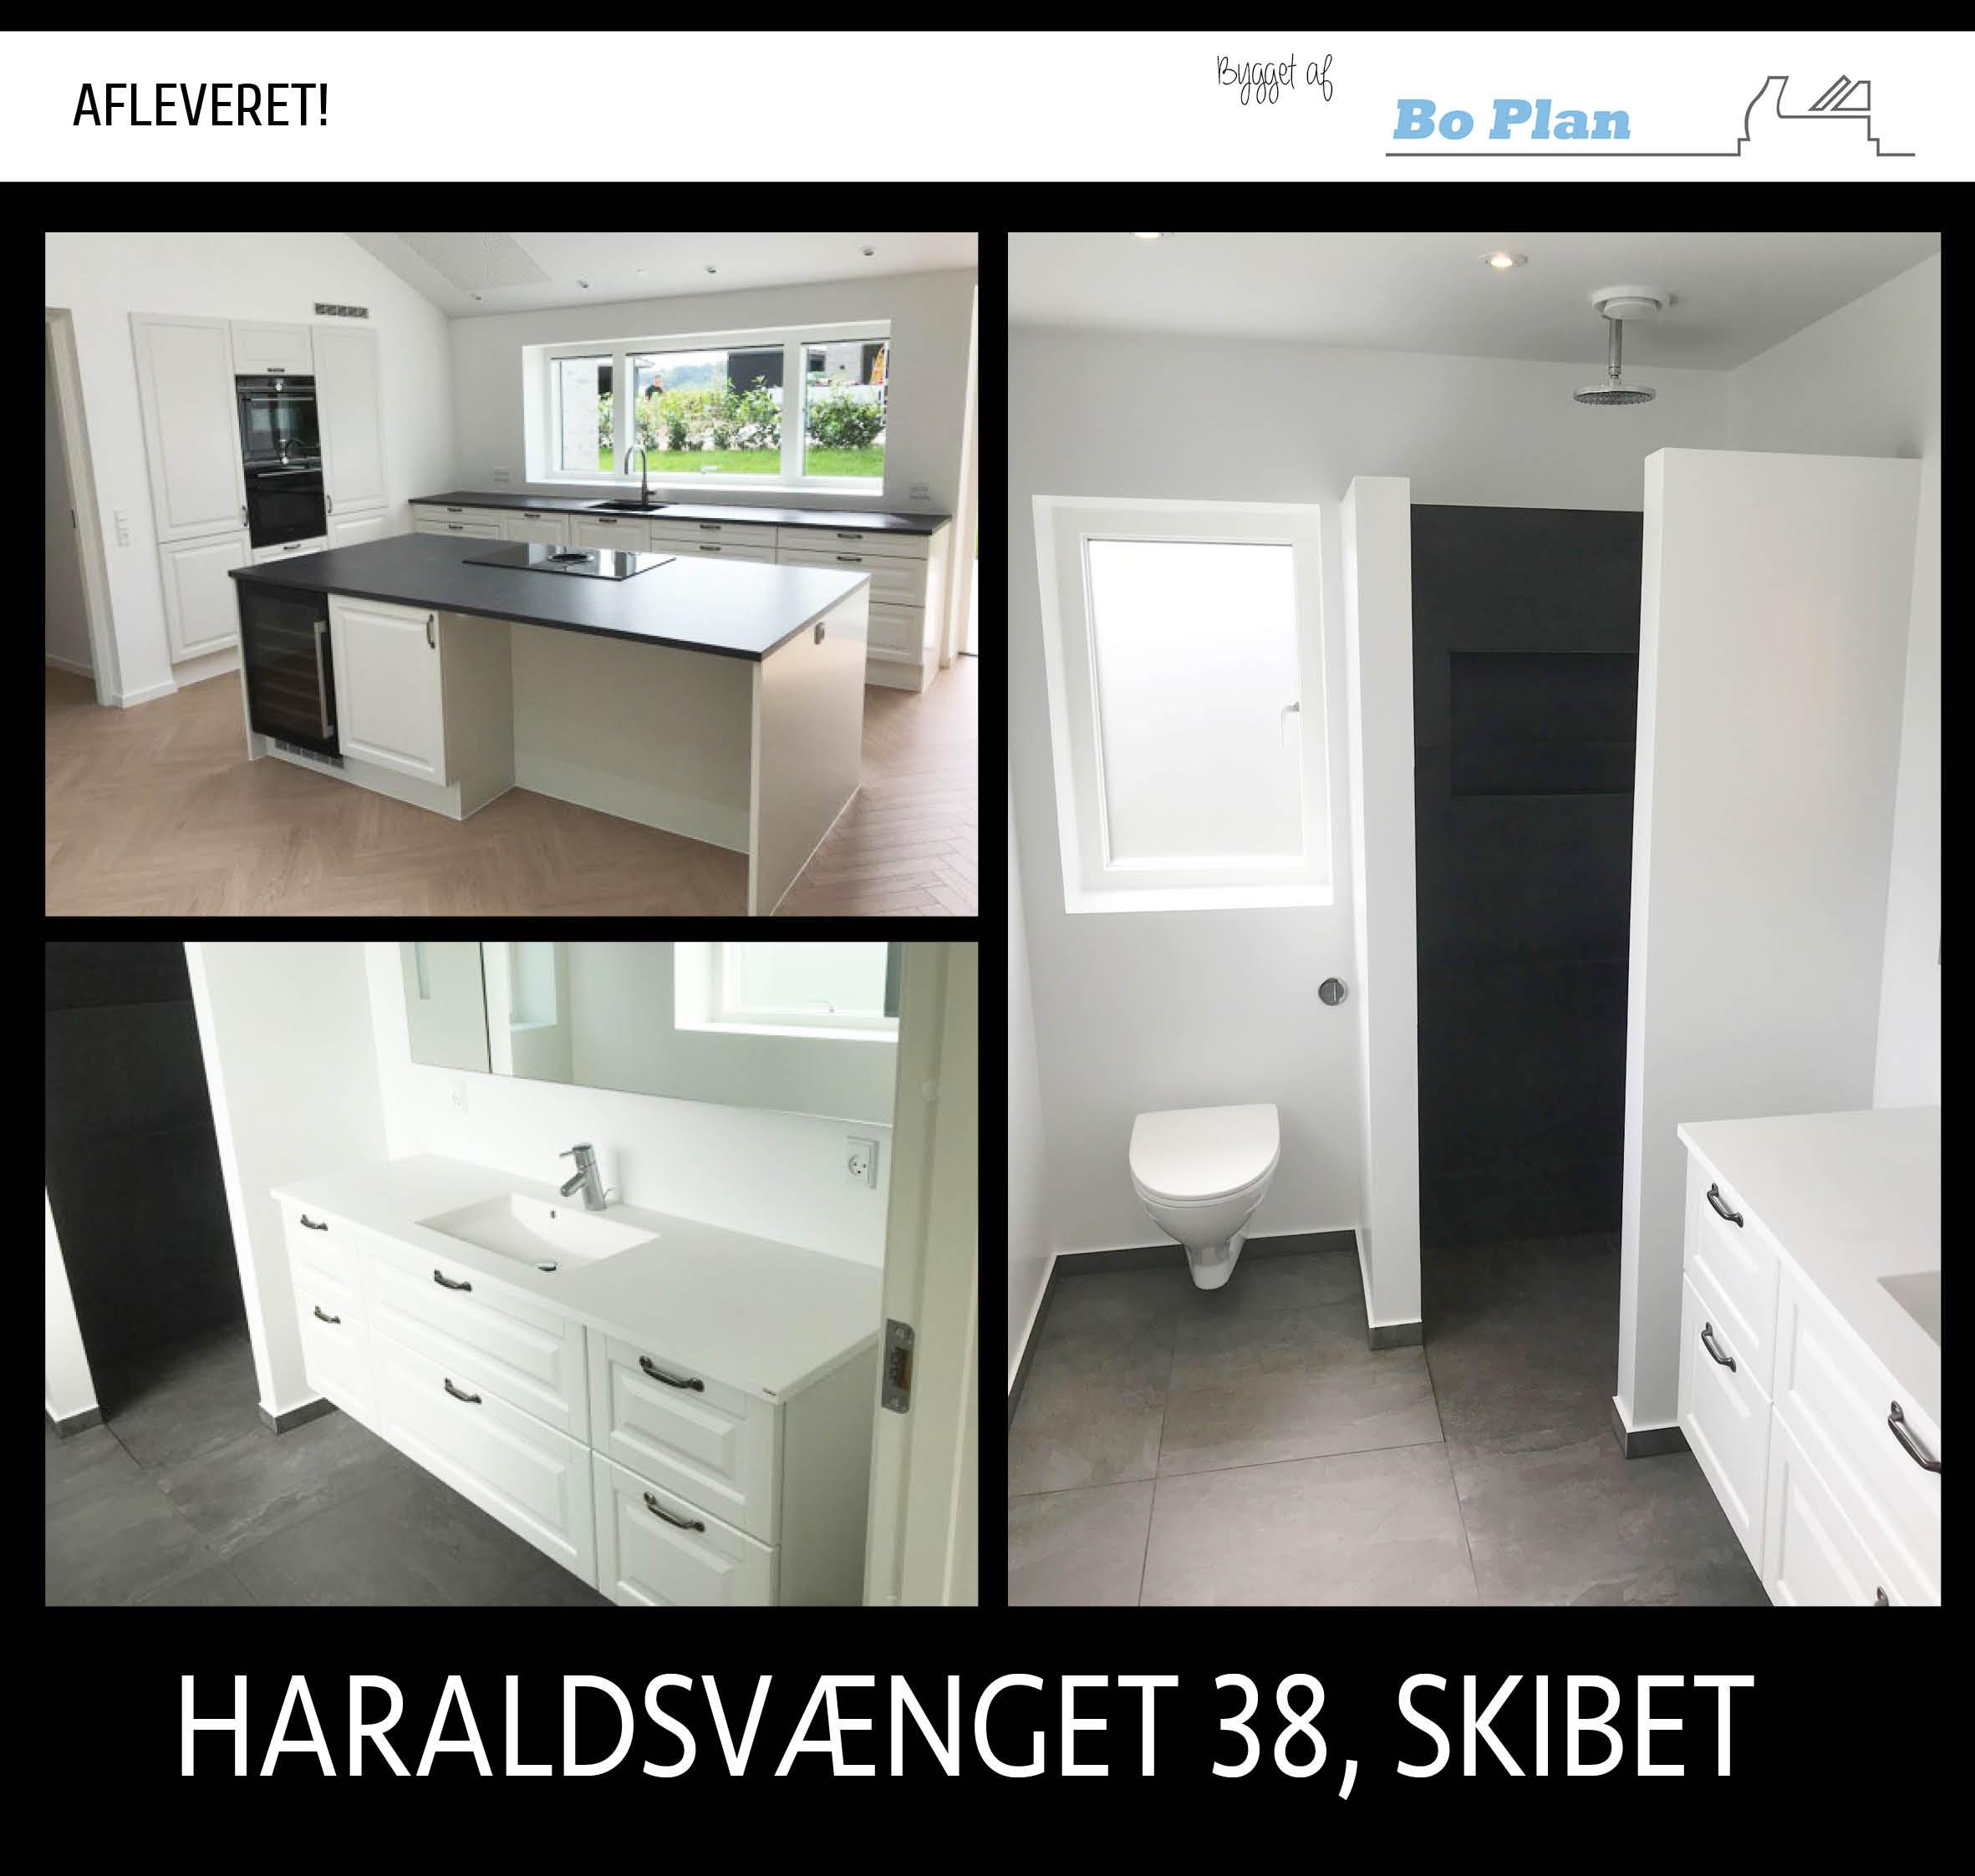 Haraldsvænget_Skibet_afleveret-juni20183